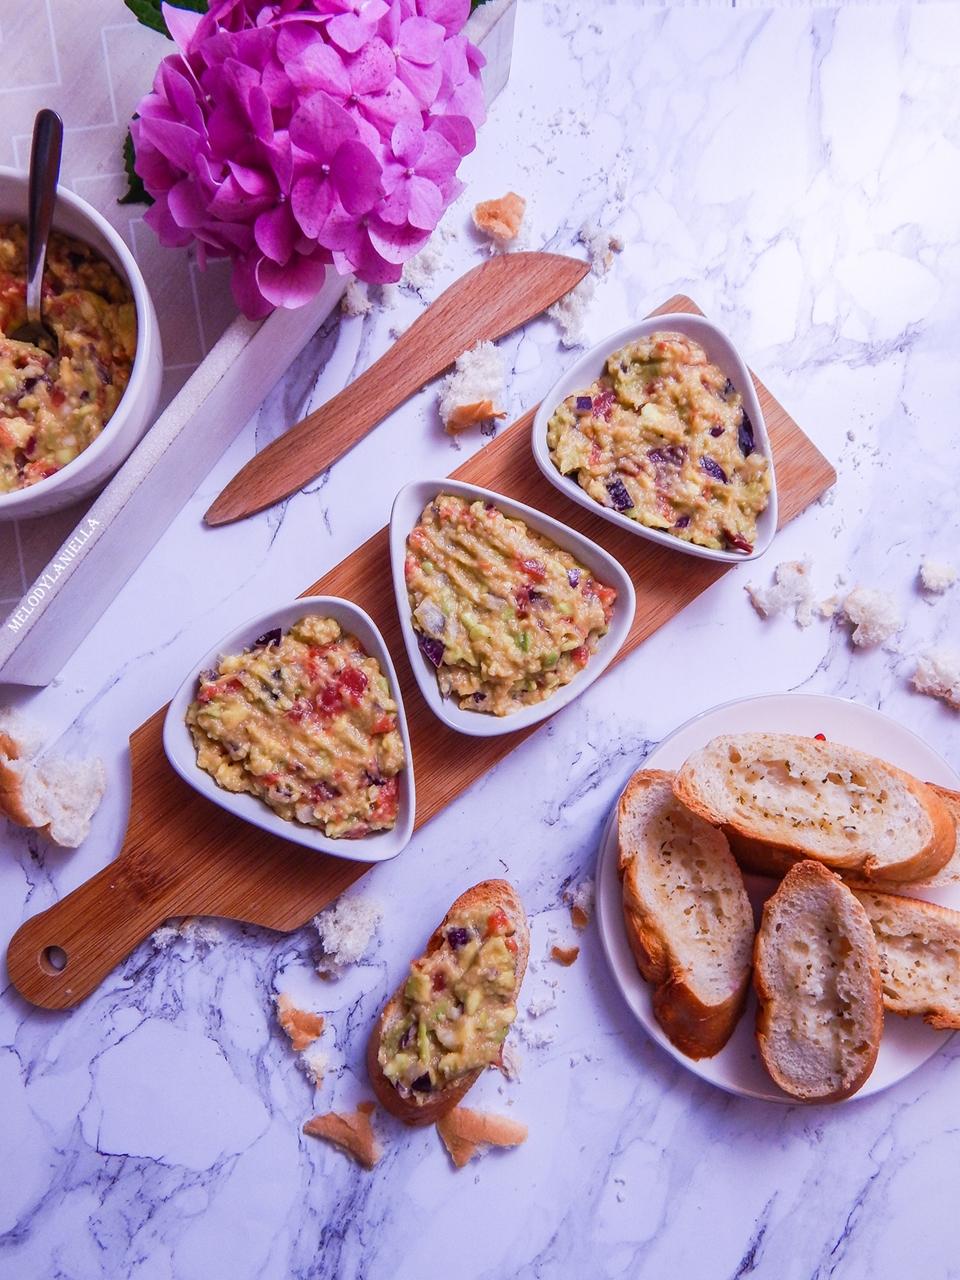 2 guacamole pasta z awokado pomidorami i czerwoną cebulą pasty nakapkowe przepis pomysły gotowanie pesto z awokado pomysły na kolację obiad zdrowe fit dobre tłuszcze pomysł na kanapki na drugie śniadanie-2